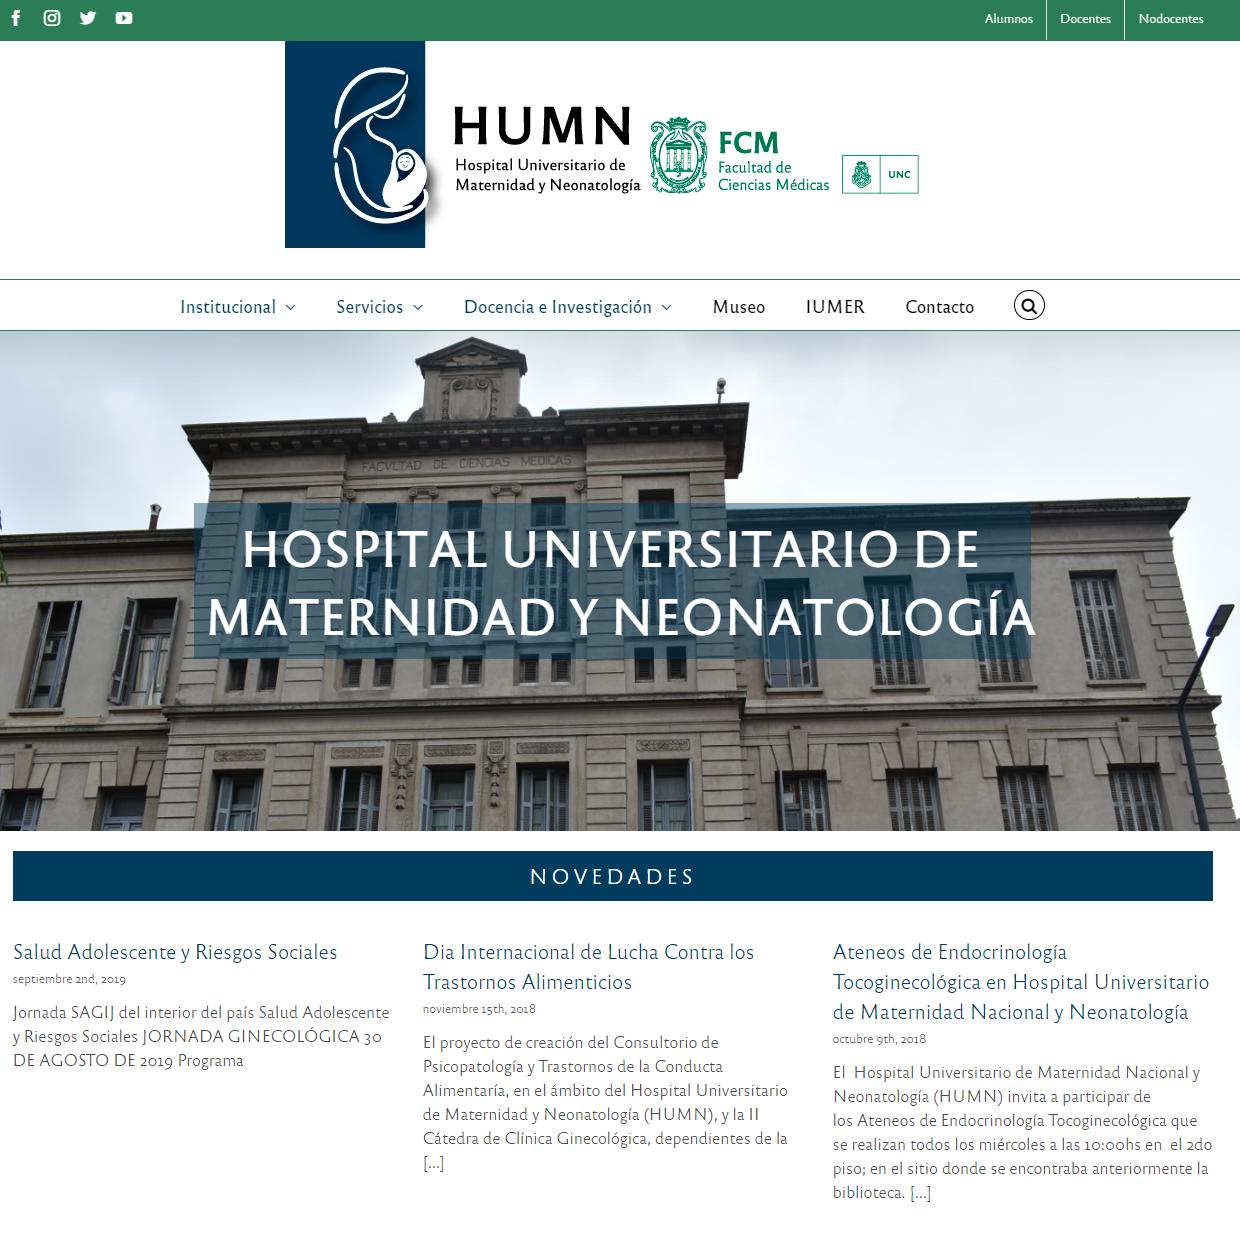 Nuevo sitio web para el HUMN